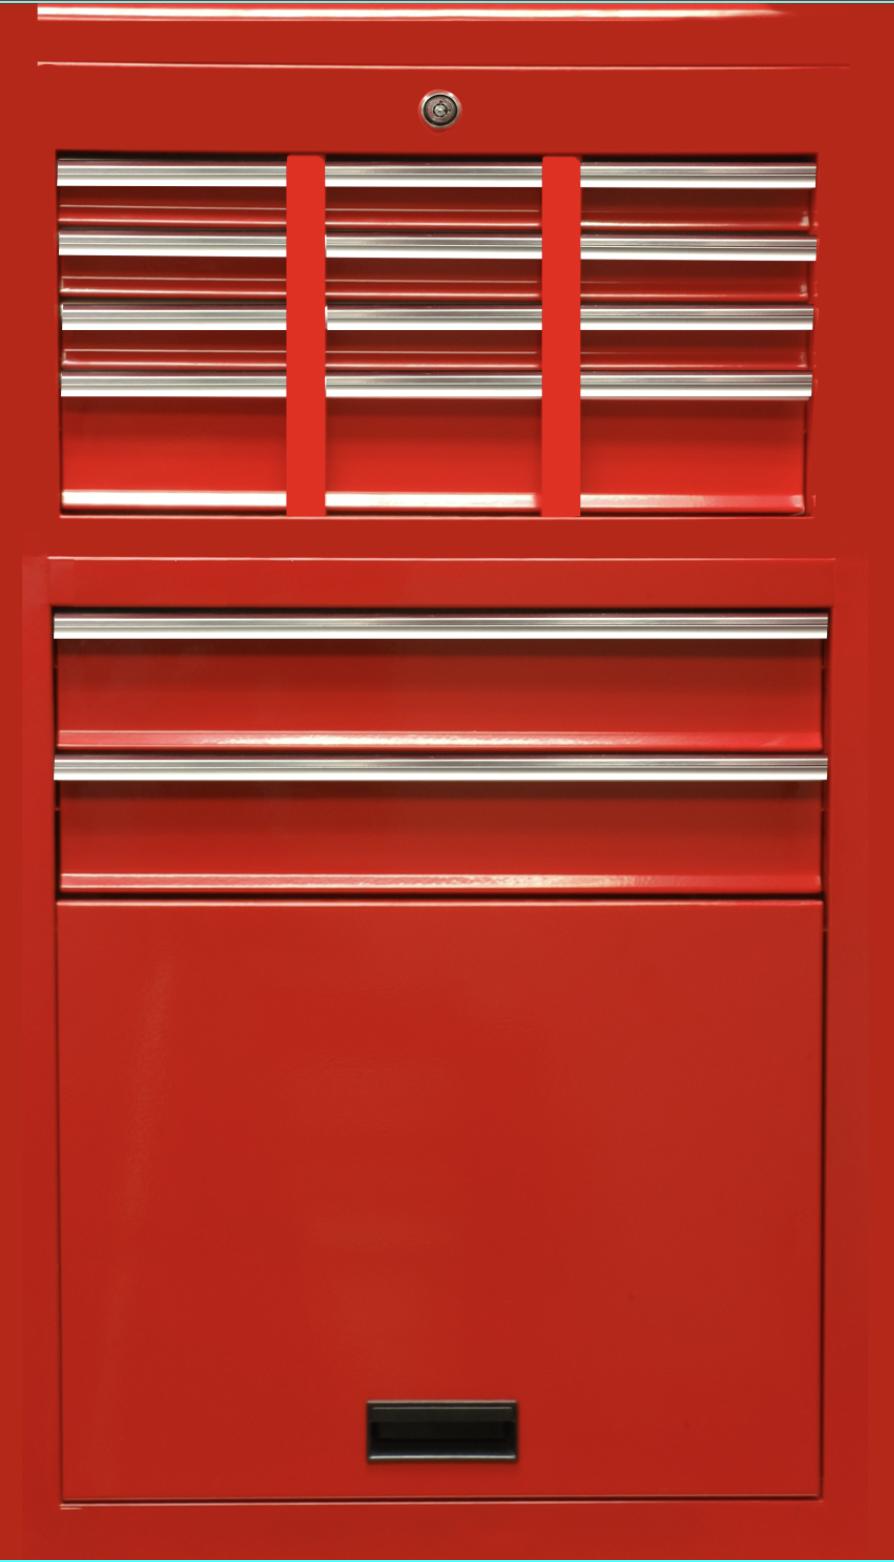 Red tool box wrap, Rm wraps, mini fridge wrap, Mini fridge